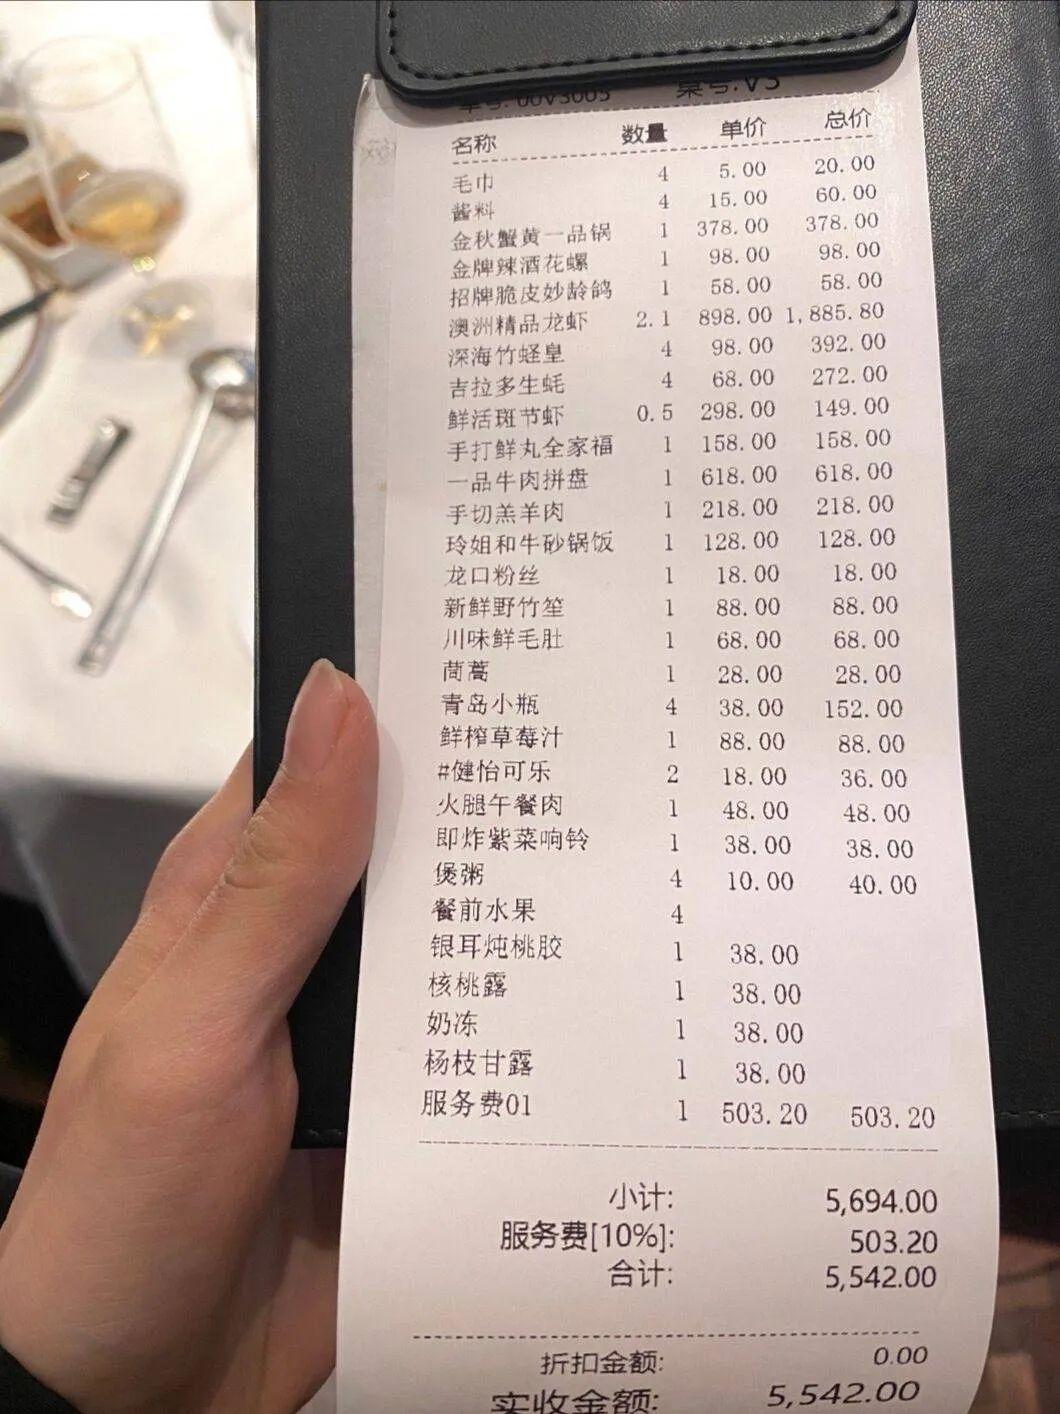 """抄袭?""""天价""""菜单?郑恺宁波火锅店再上热搜 最新回应来了"""